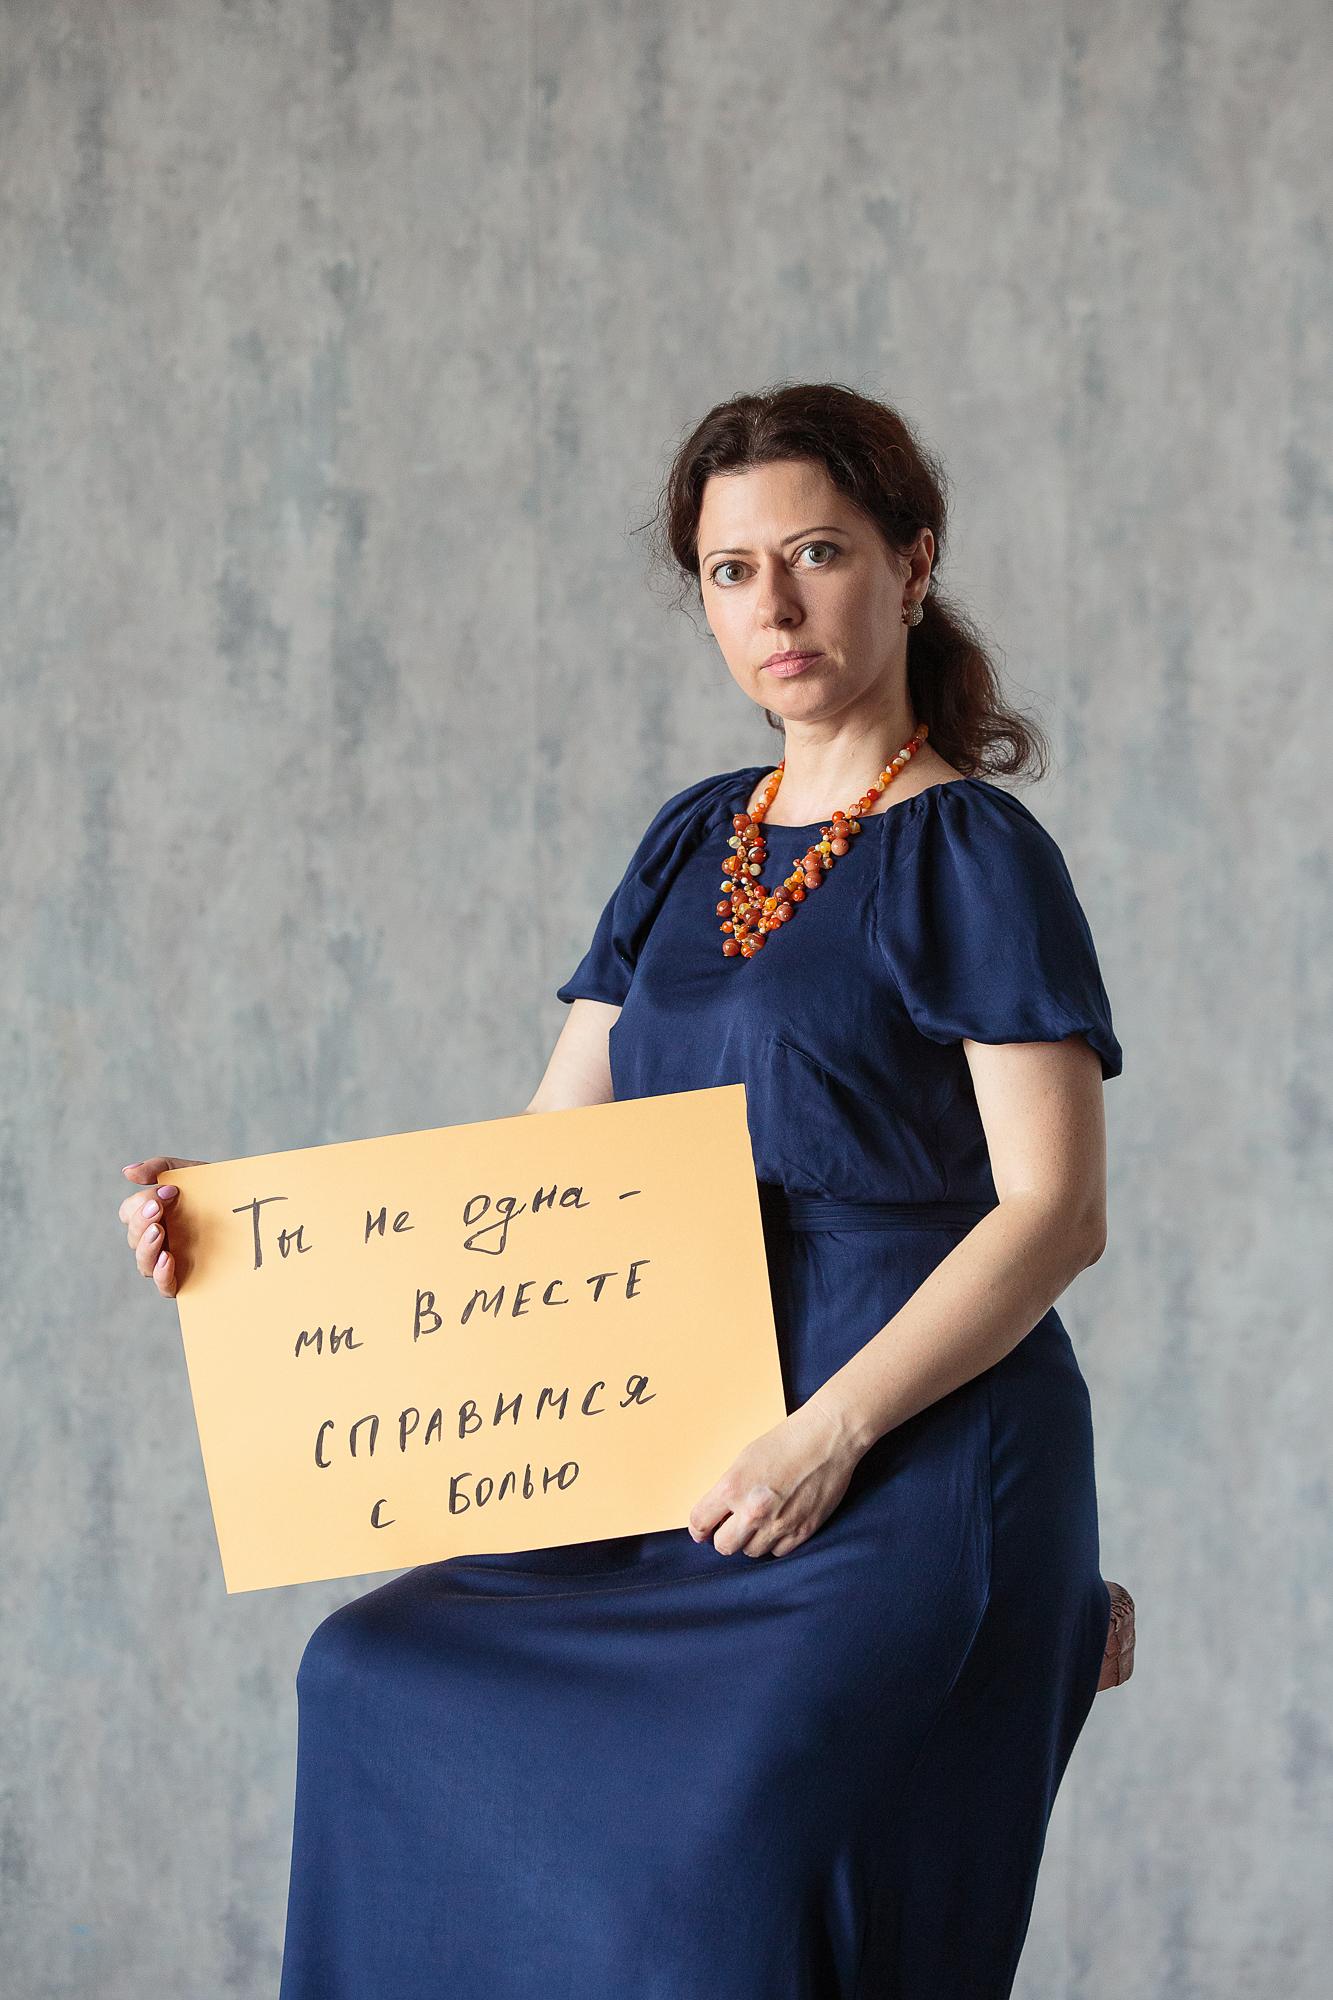 ЕЛЕНА    Пережила прерывание беременности по медицинским показаниям на 15-16 неделе в одном из московских роддомов. Елена просила пригласить психолога, но в столичном роддоме ей ответили: